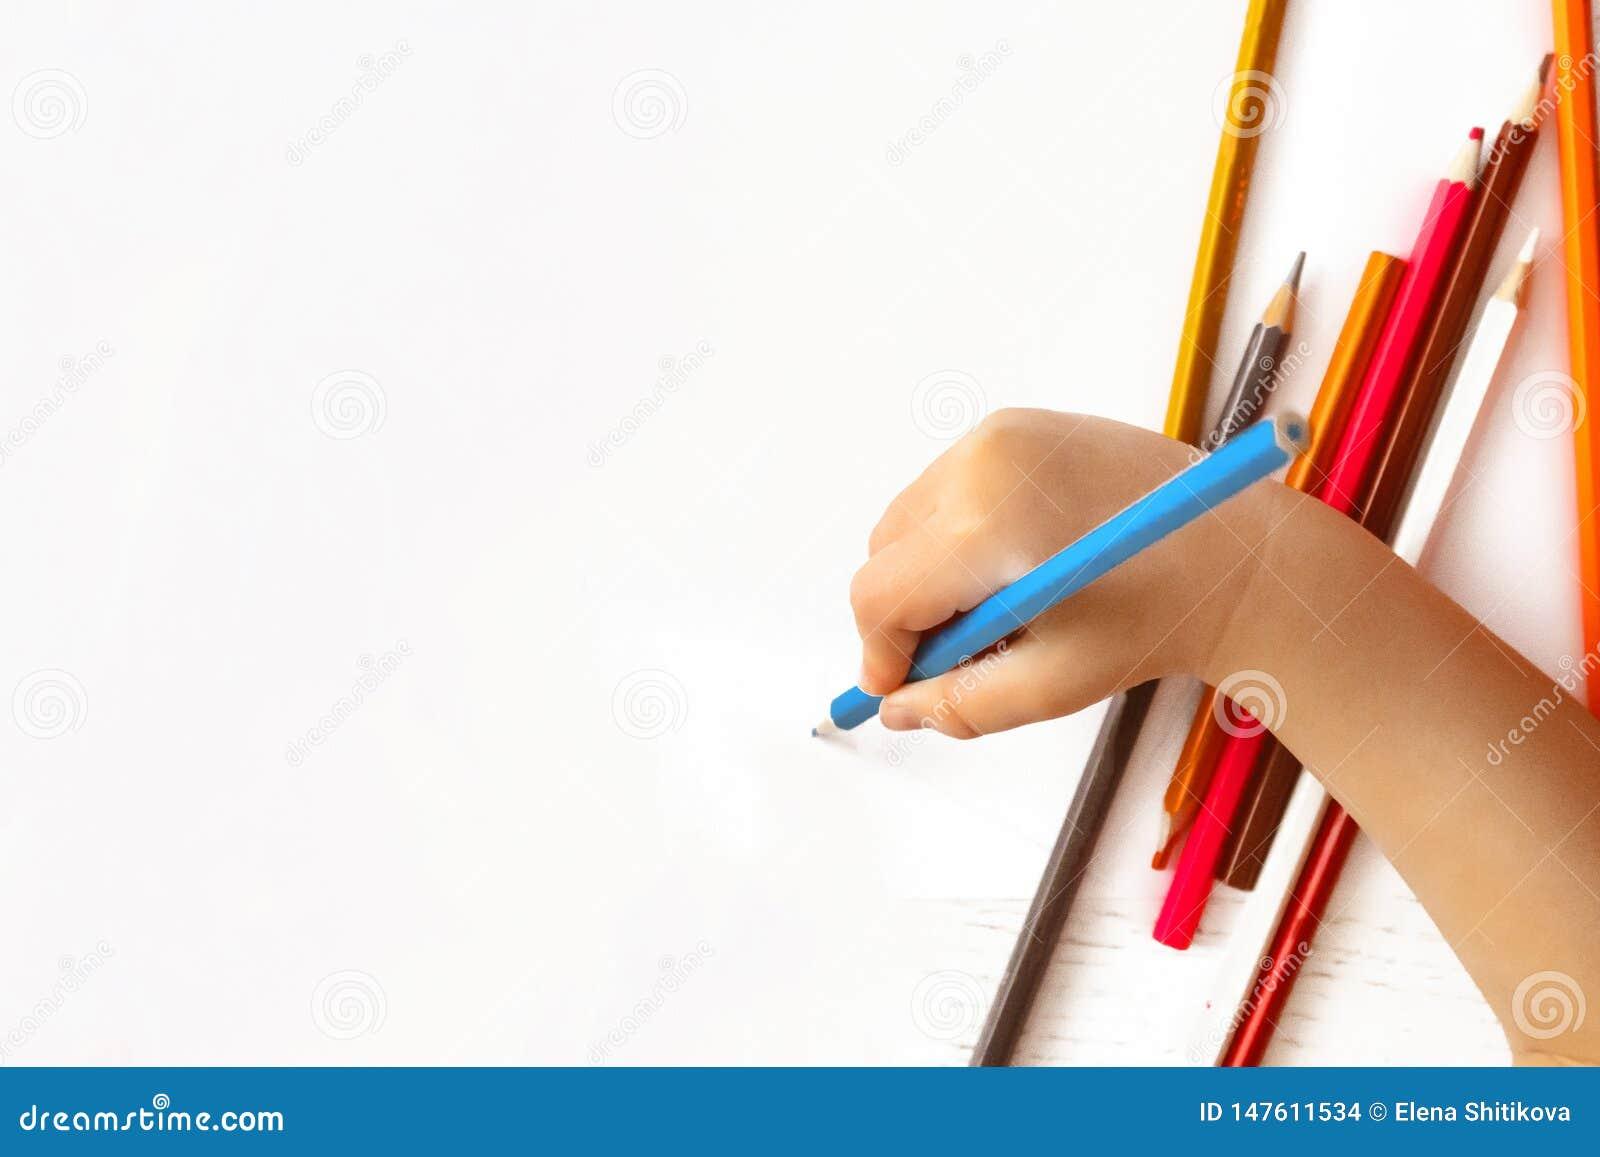 Рука детей рисует карандаш на белой бумаге